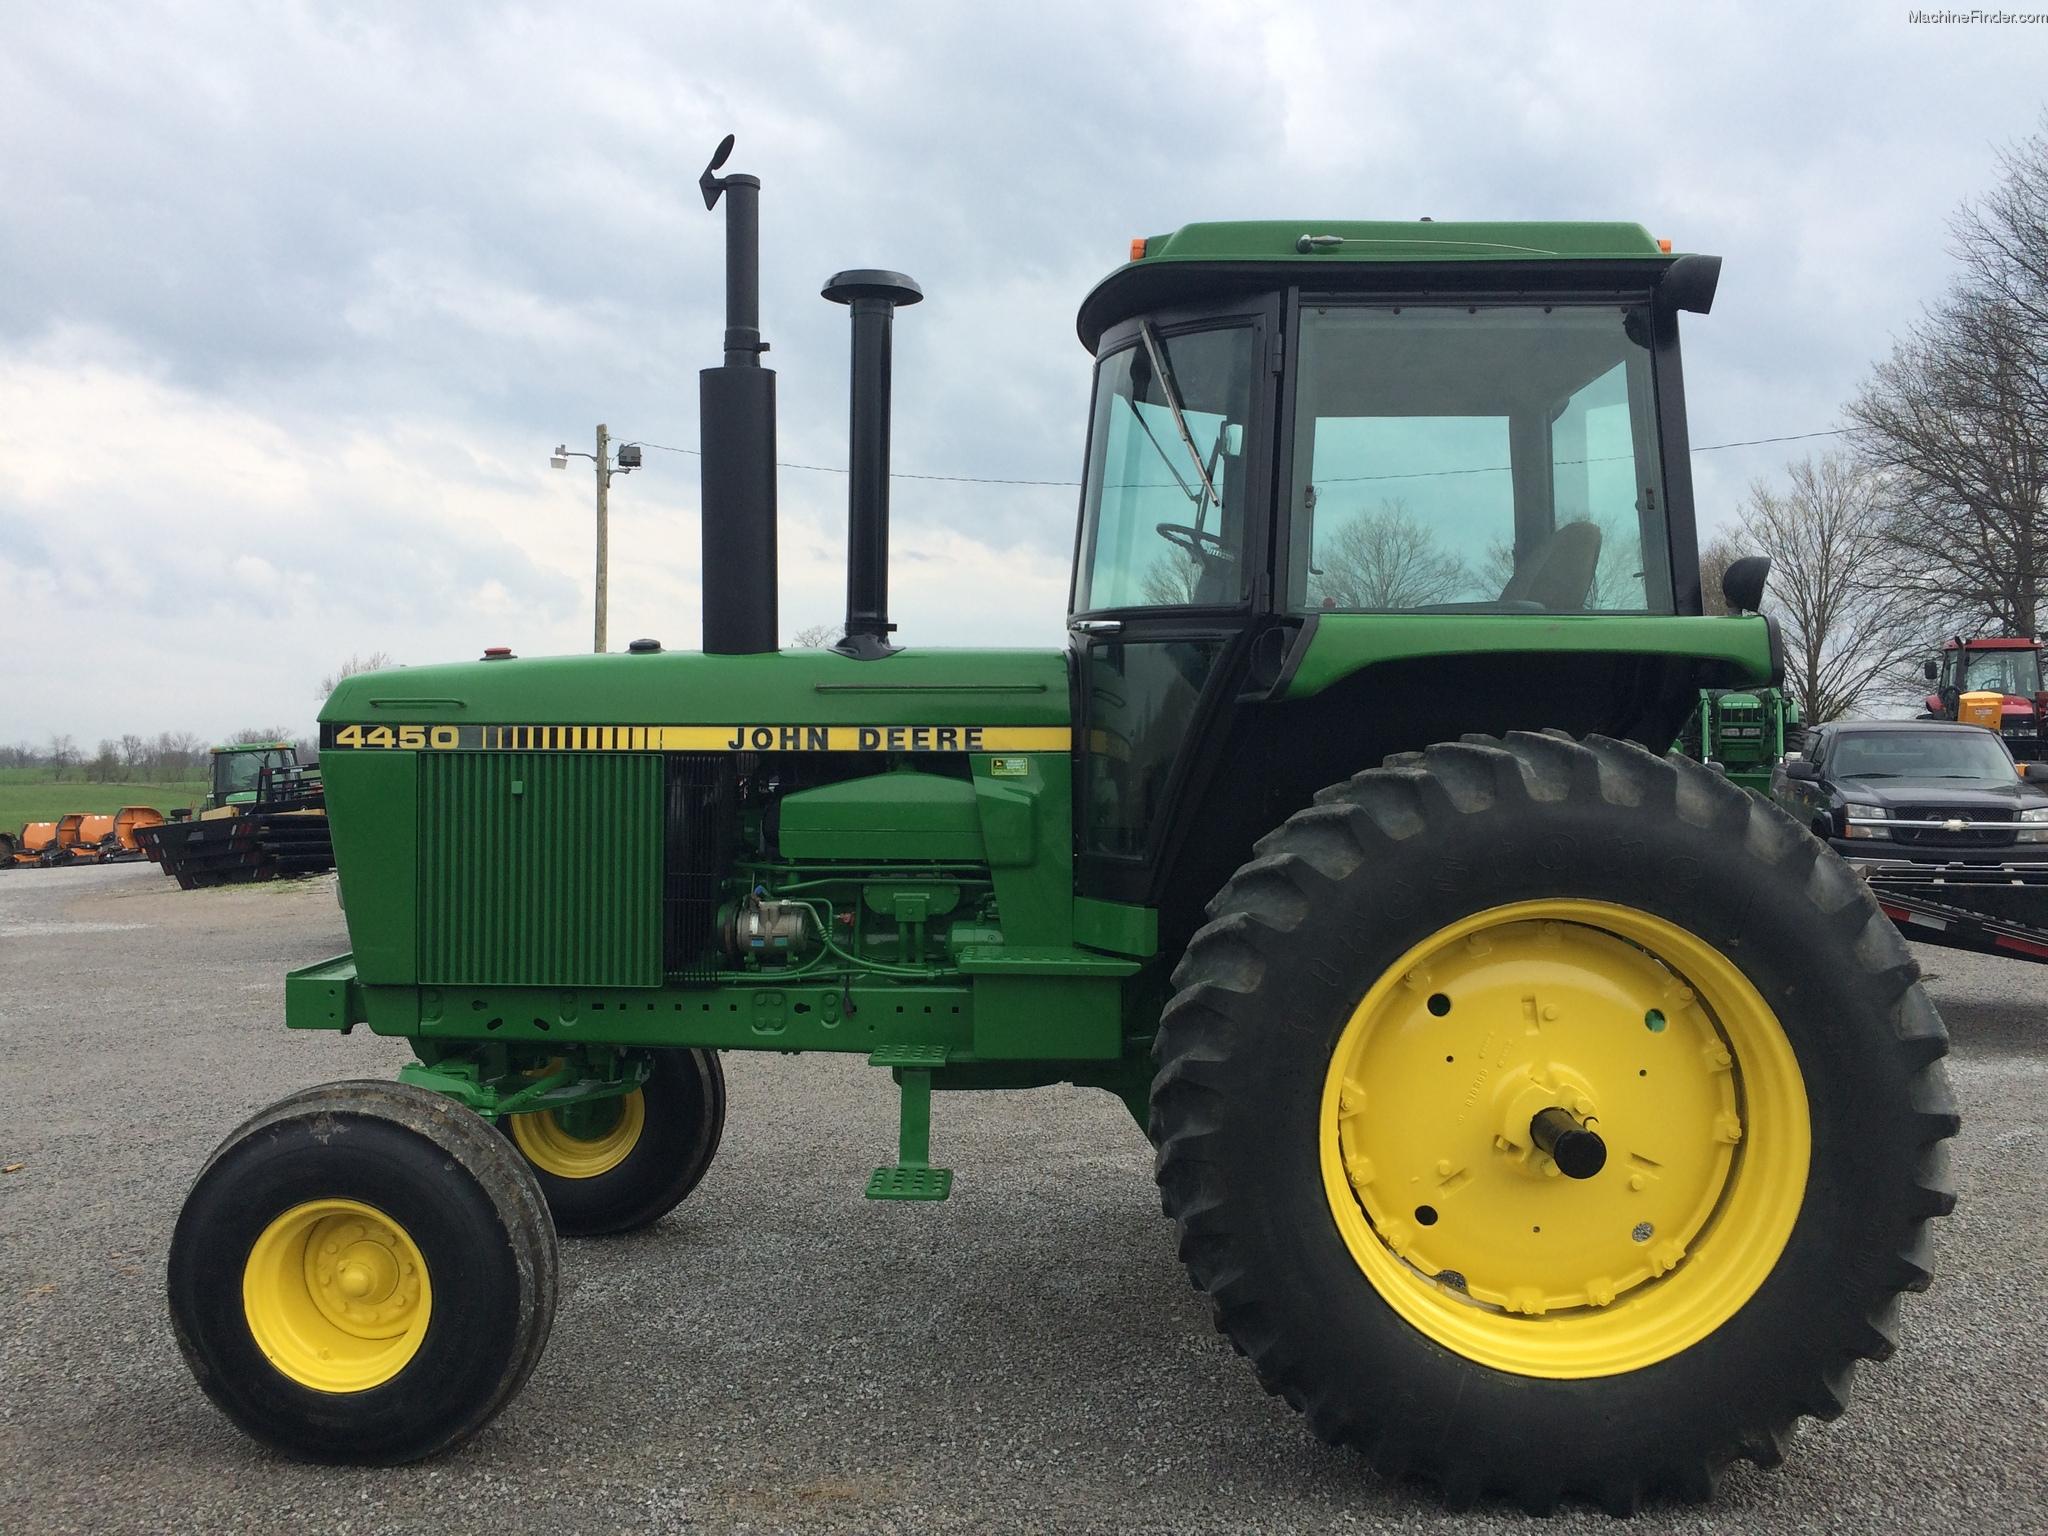 1987 John Deere 4450 Tractors - Row Crop (+100hp)